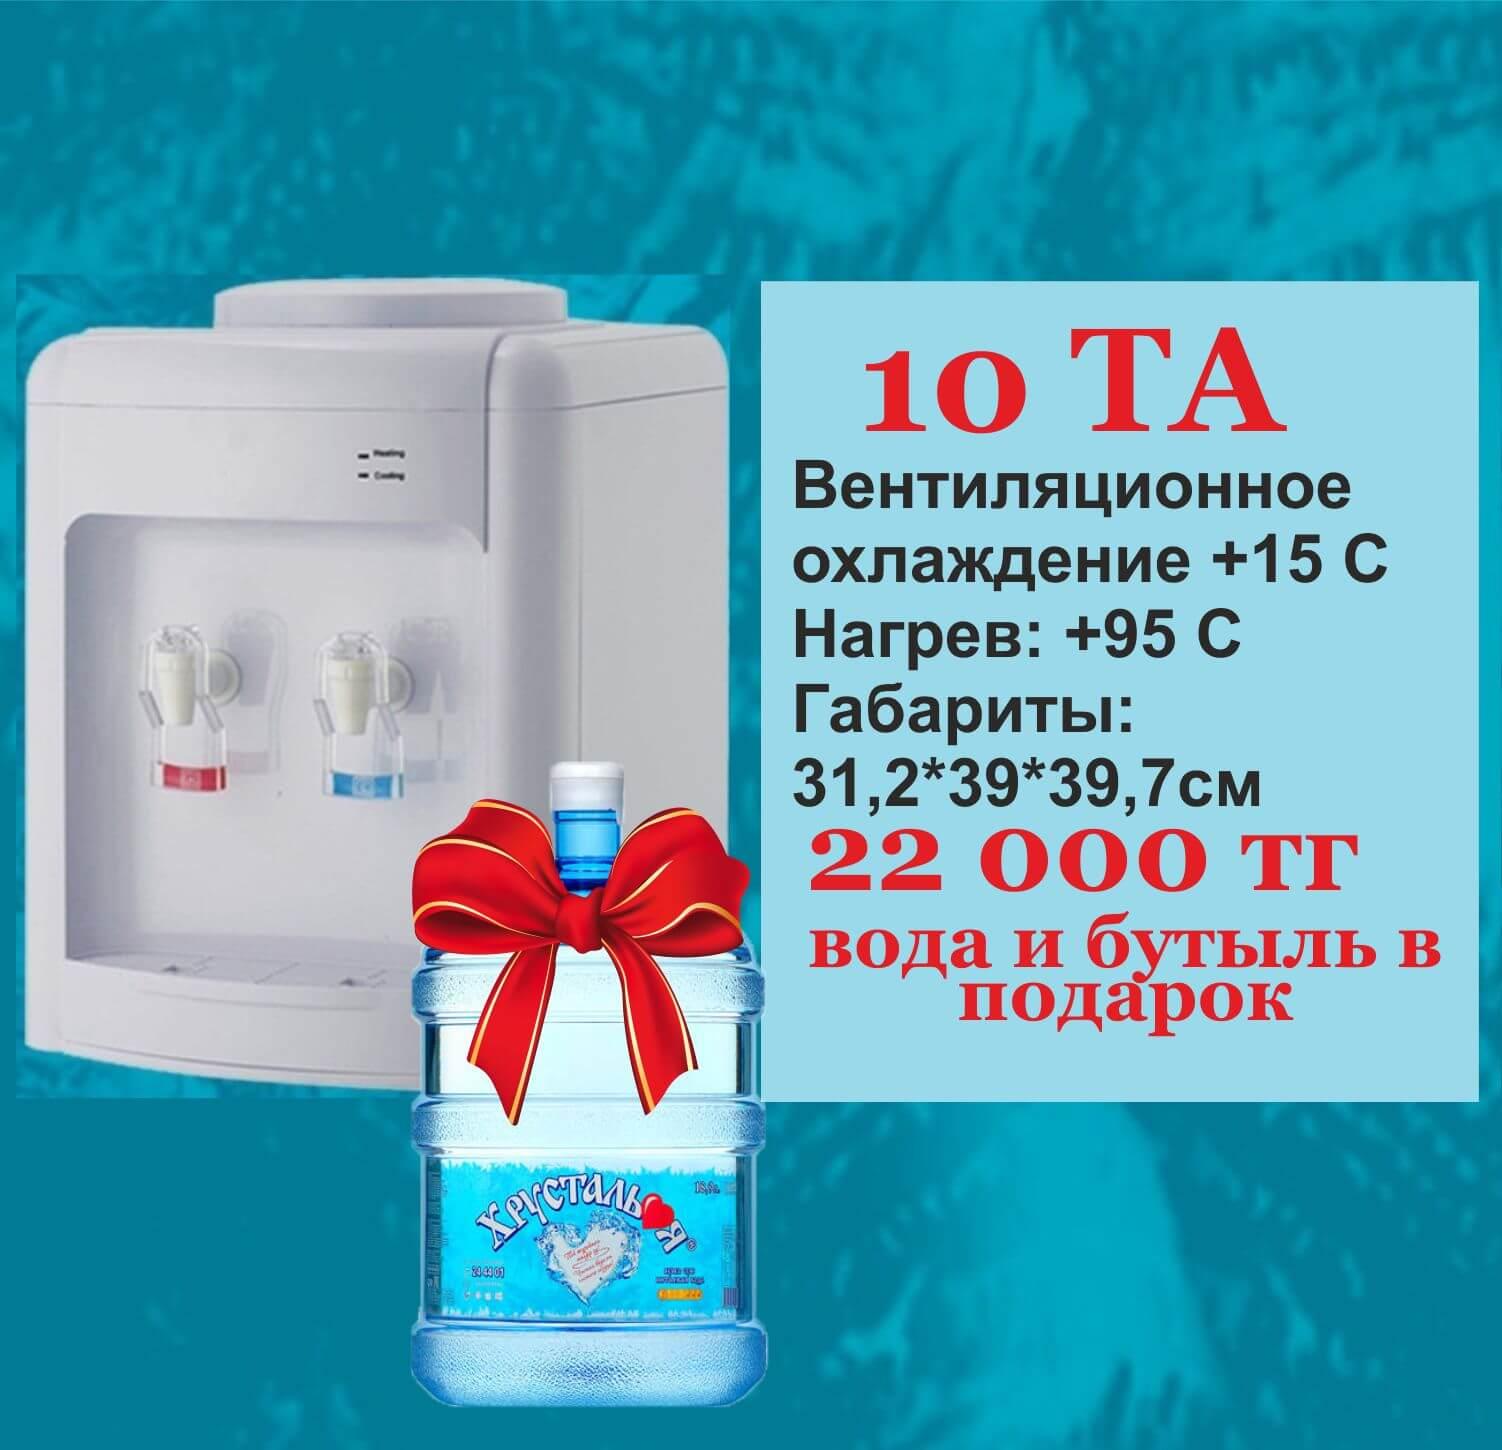 10 ТА (настольный)